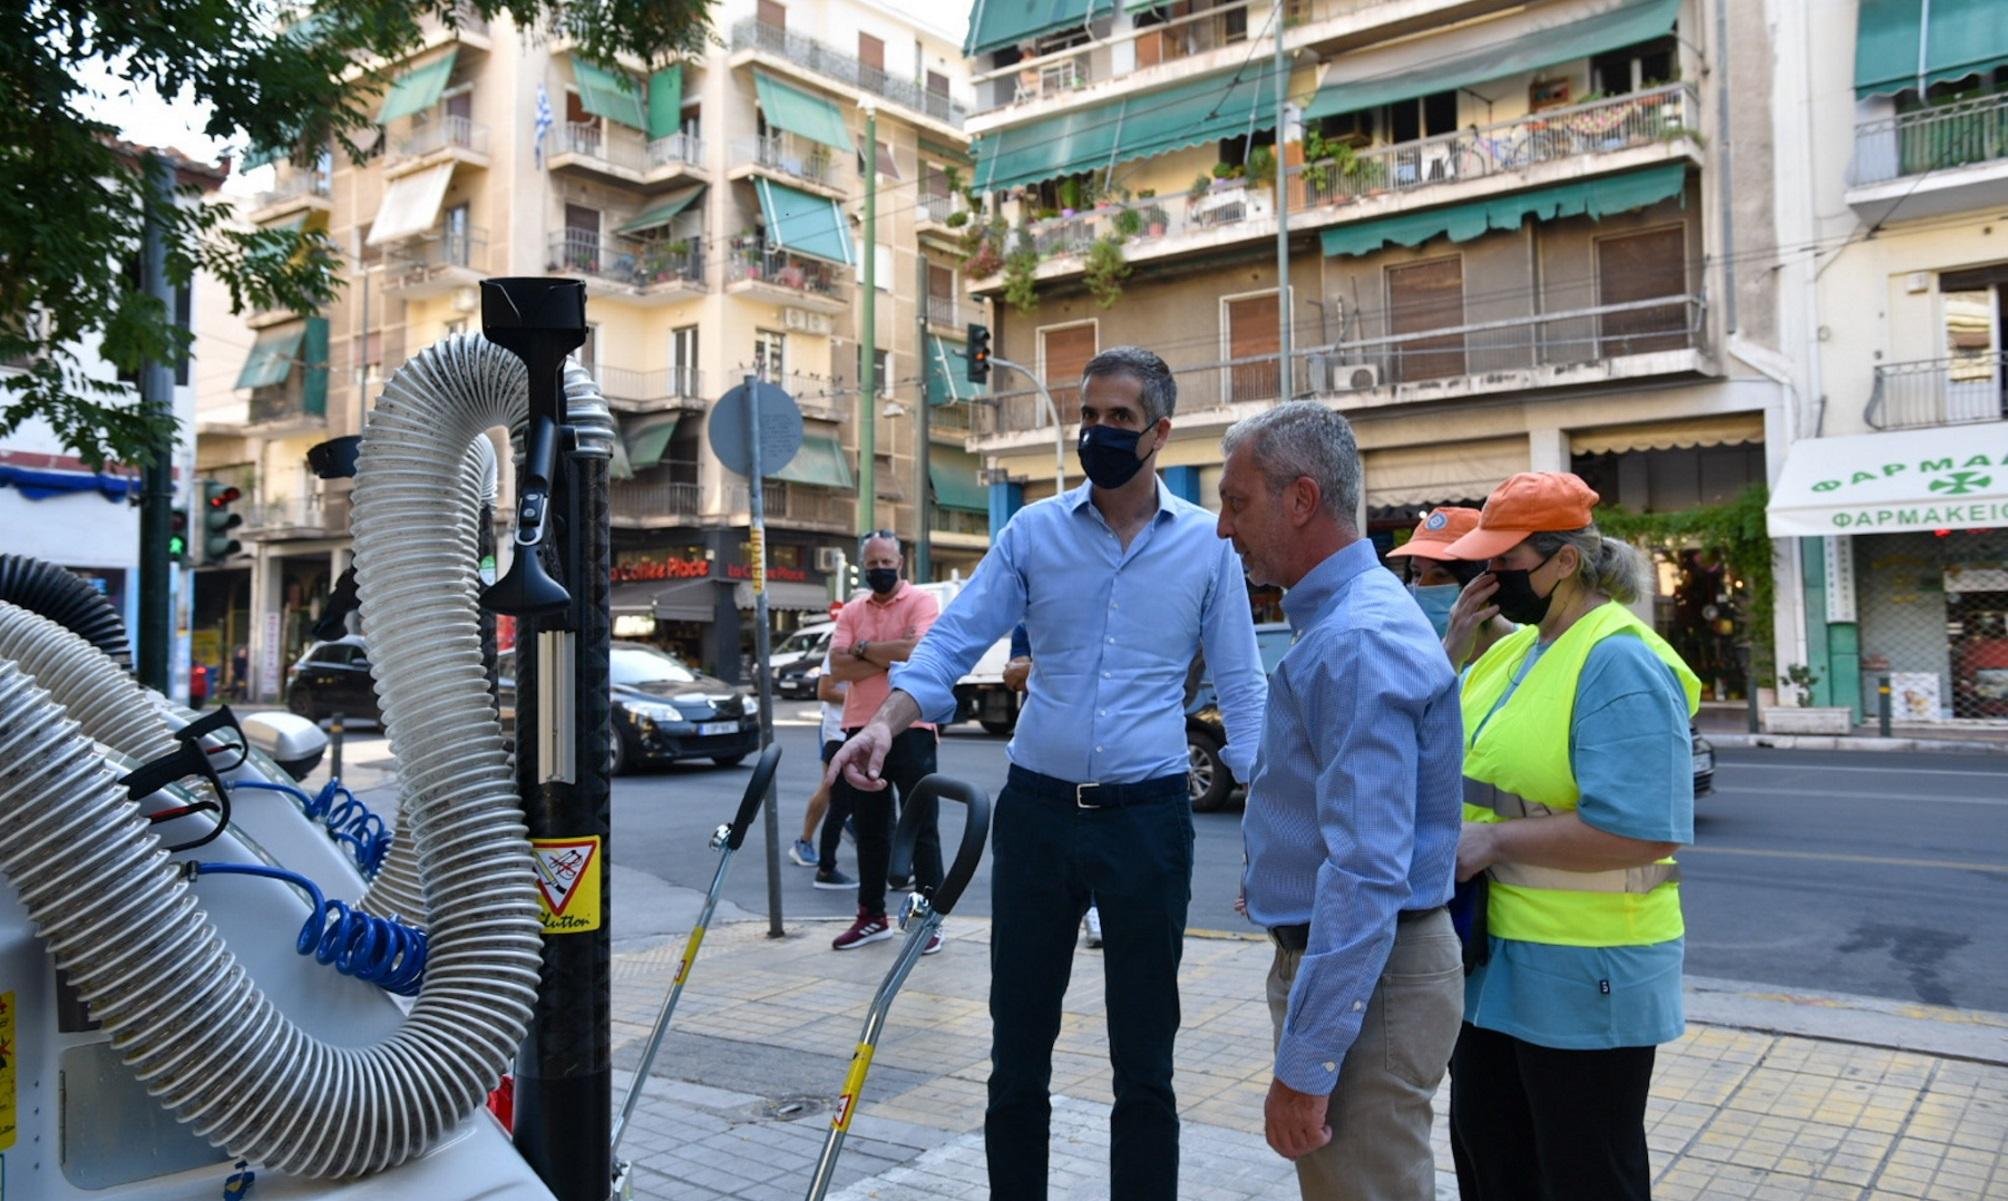 Δήμος Αθηναίων: Σκούπες τελευταίας τεχνολογίας σαρώνουν όλες τις γειτονιές (pics)